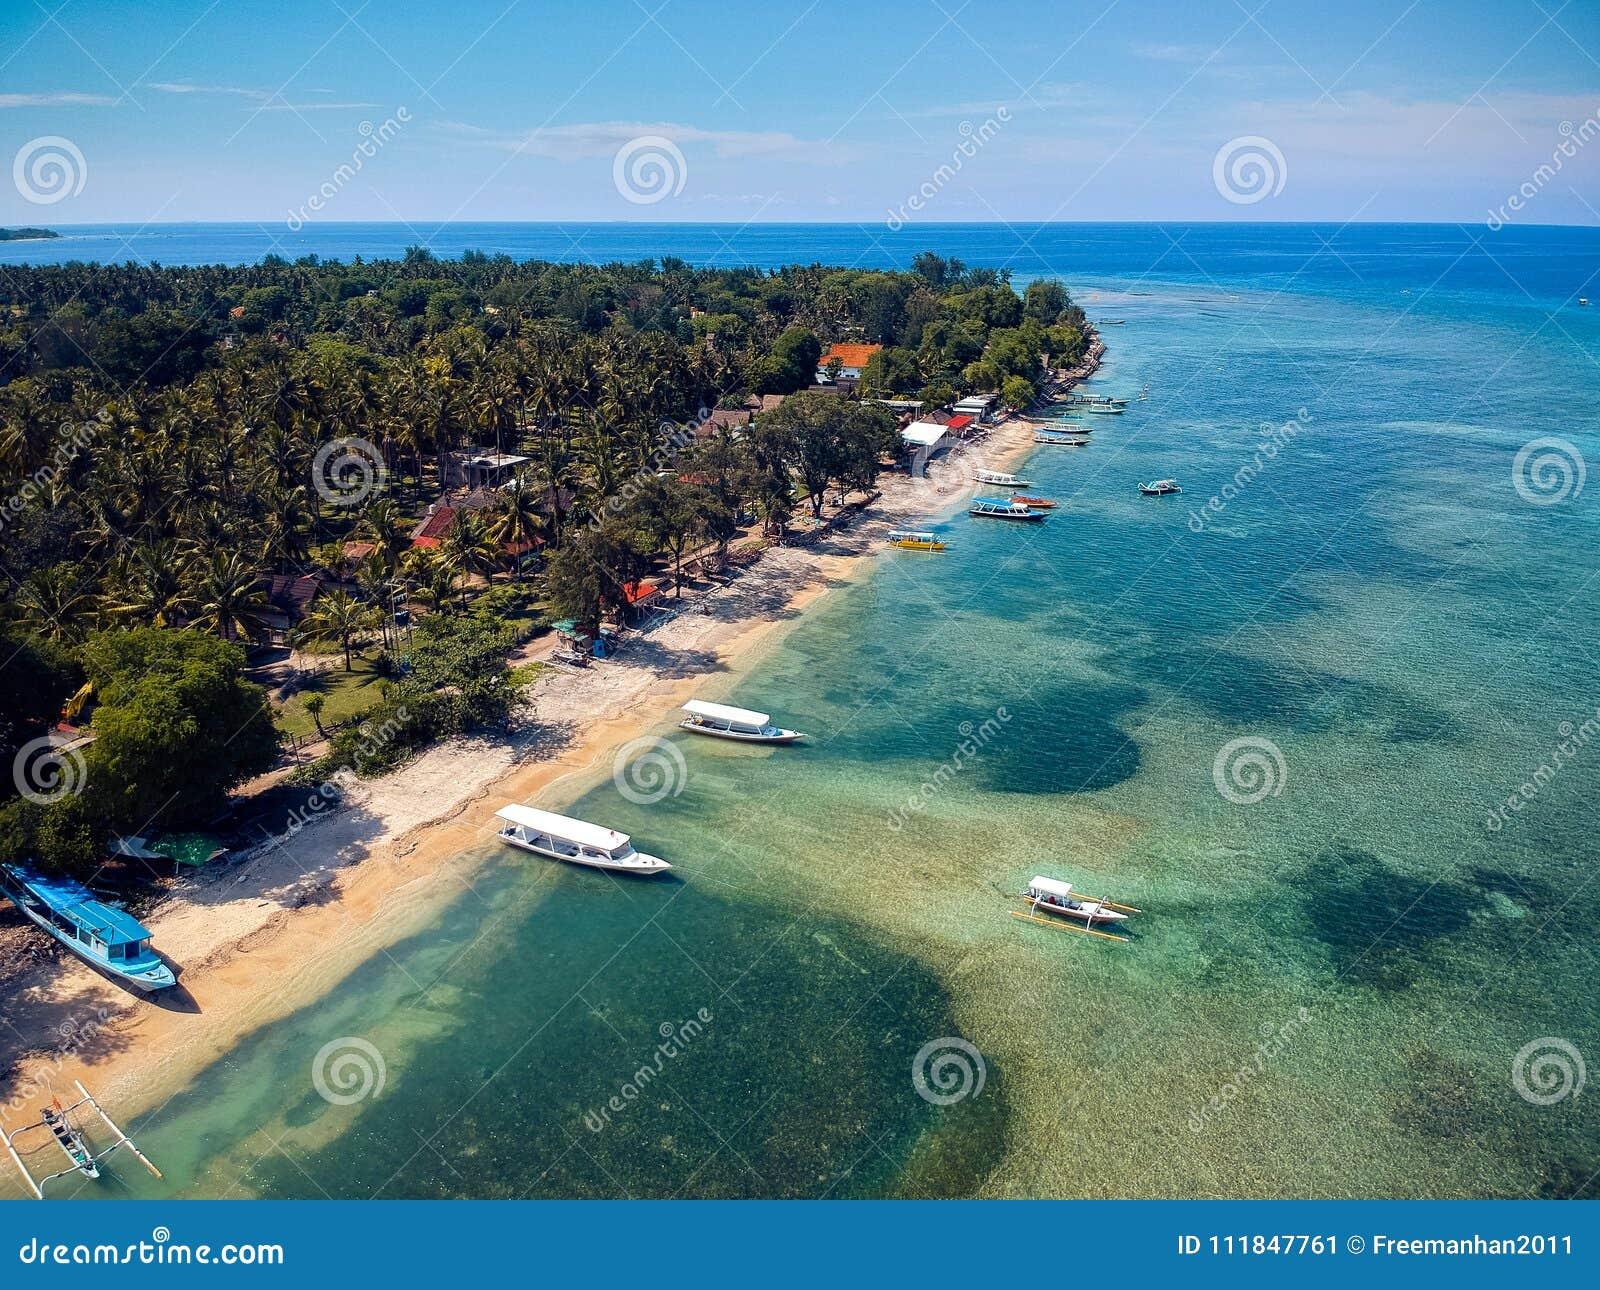 Tropisch strand met boten en een mooie mening vanaf de bovenkant